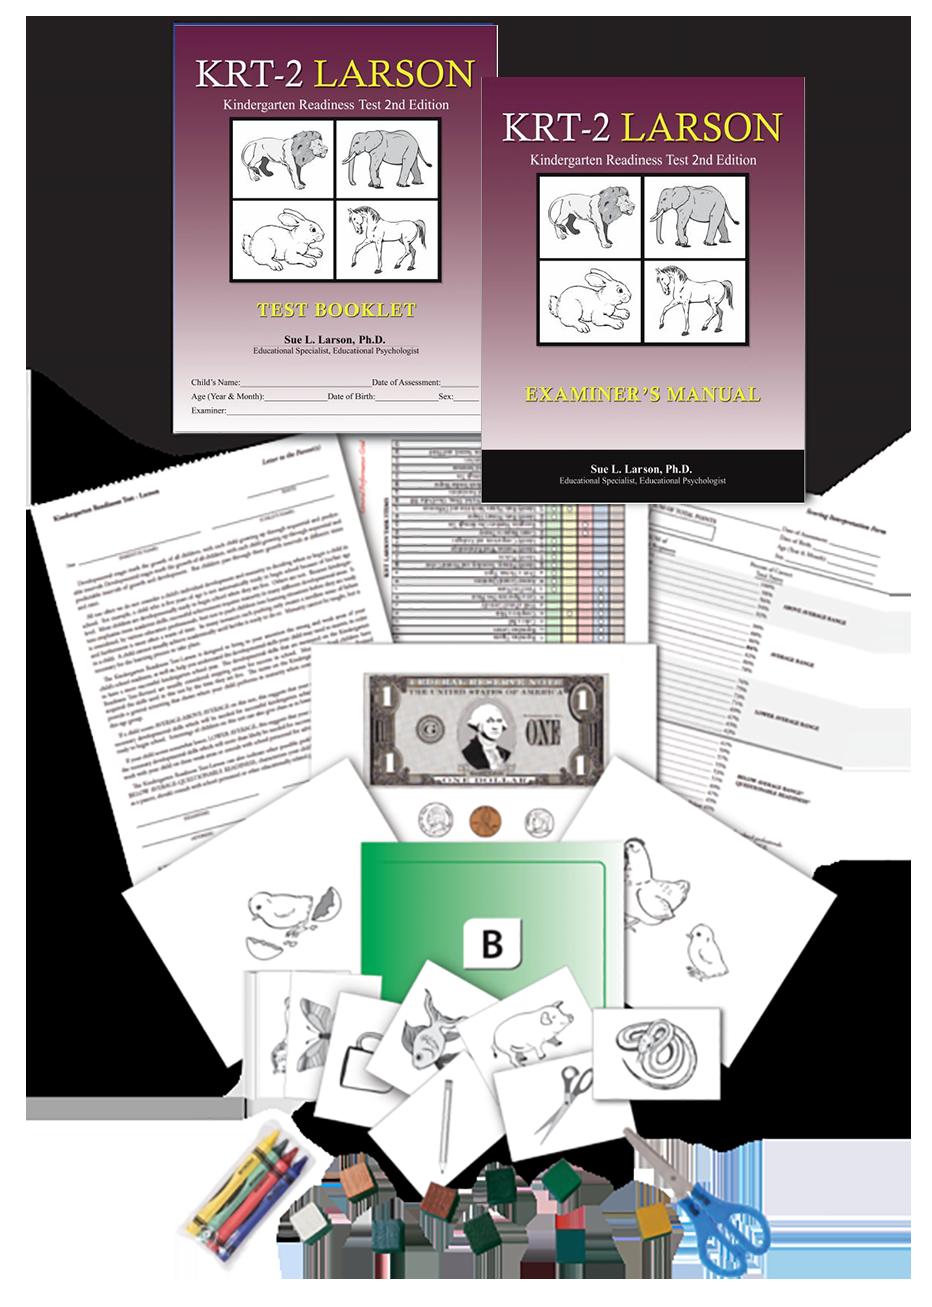 Index kindergarten readiness revised. Test clipart formal assessment